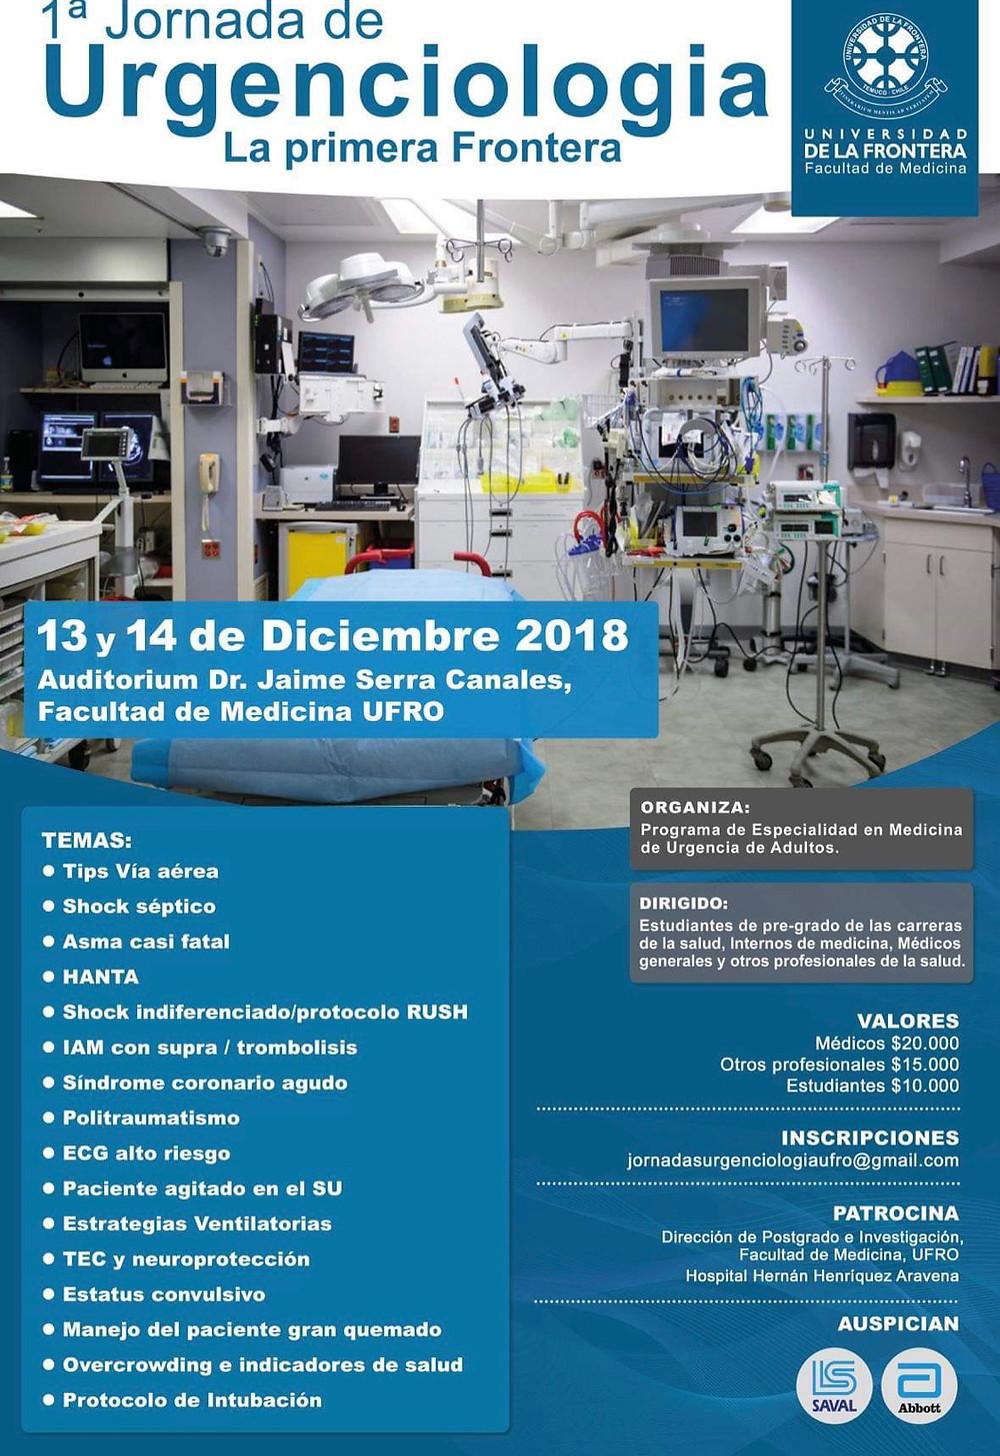 Afiche 1a Jornada de Urgenciología: La primera frontera